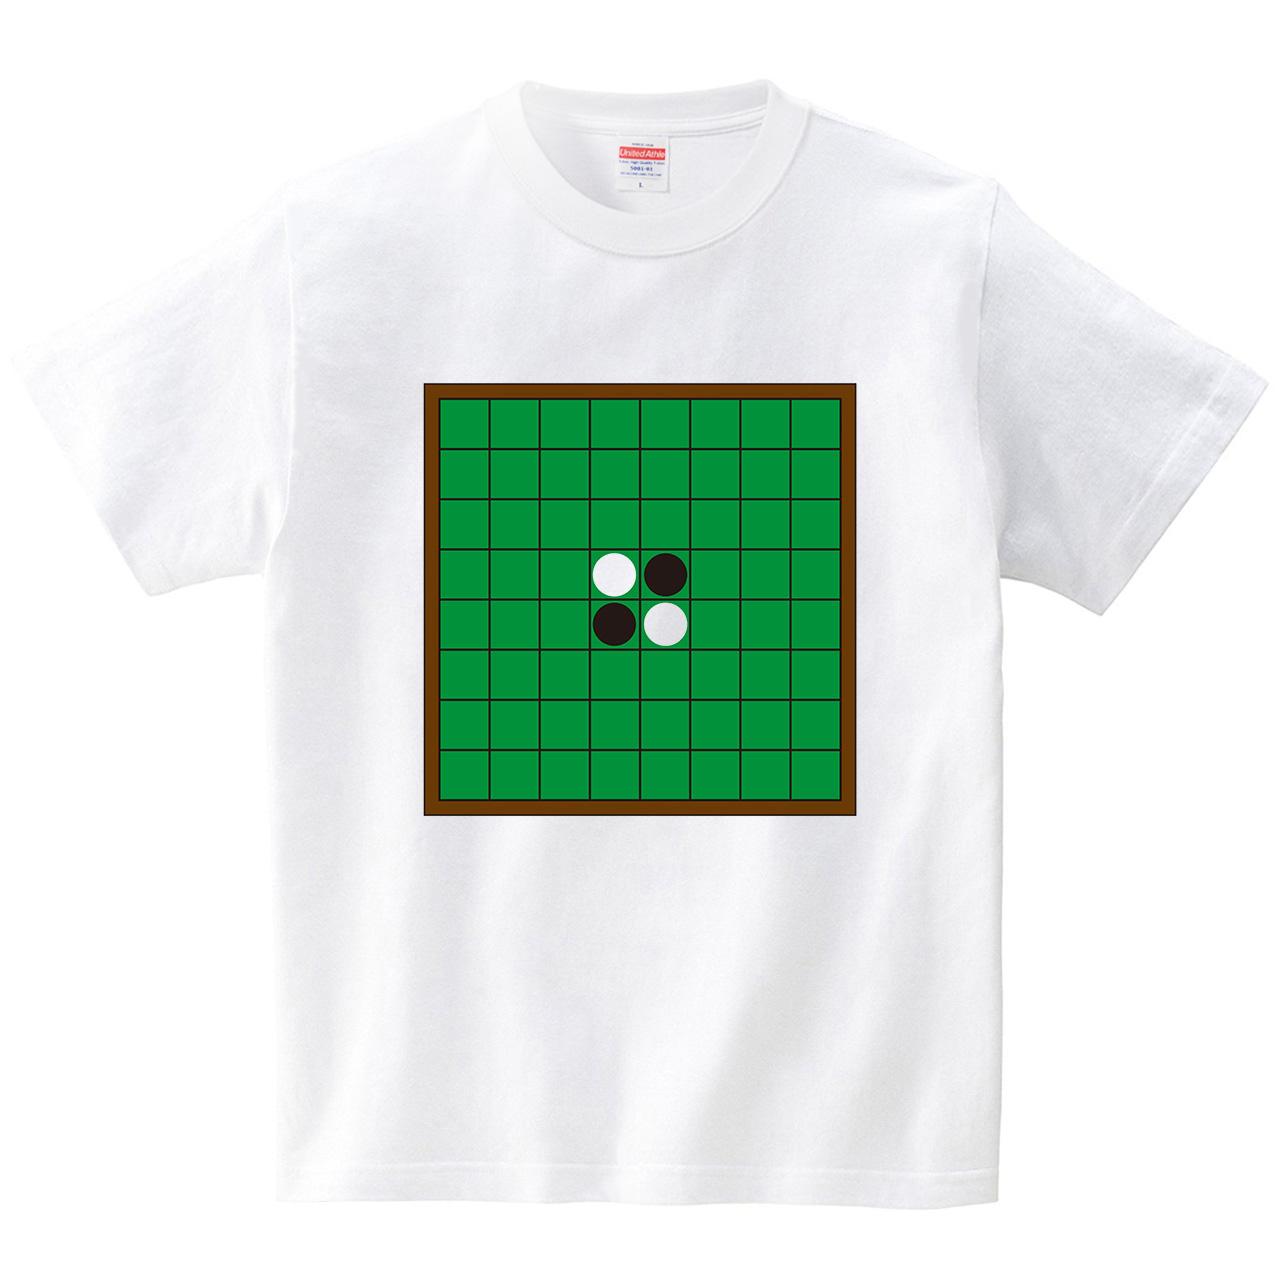 オセロ(Tシャツ・ホワイト)(フォーヴァ)